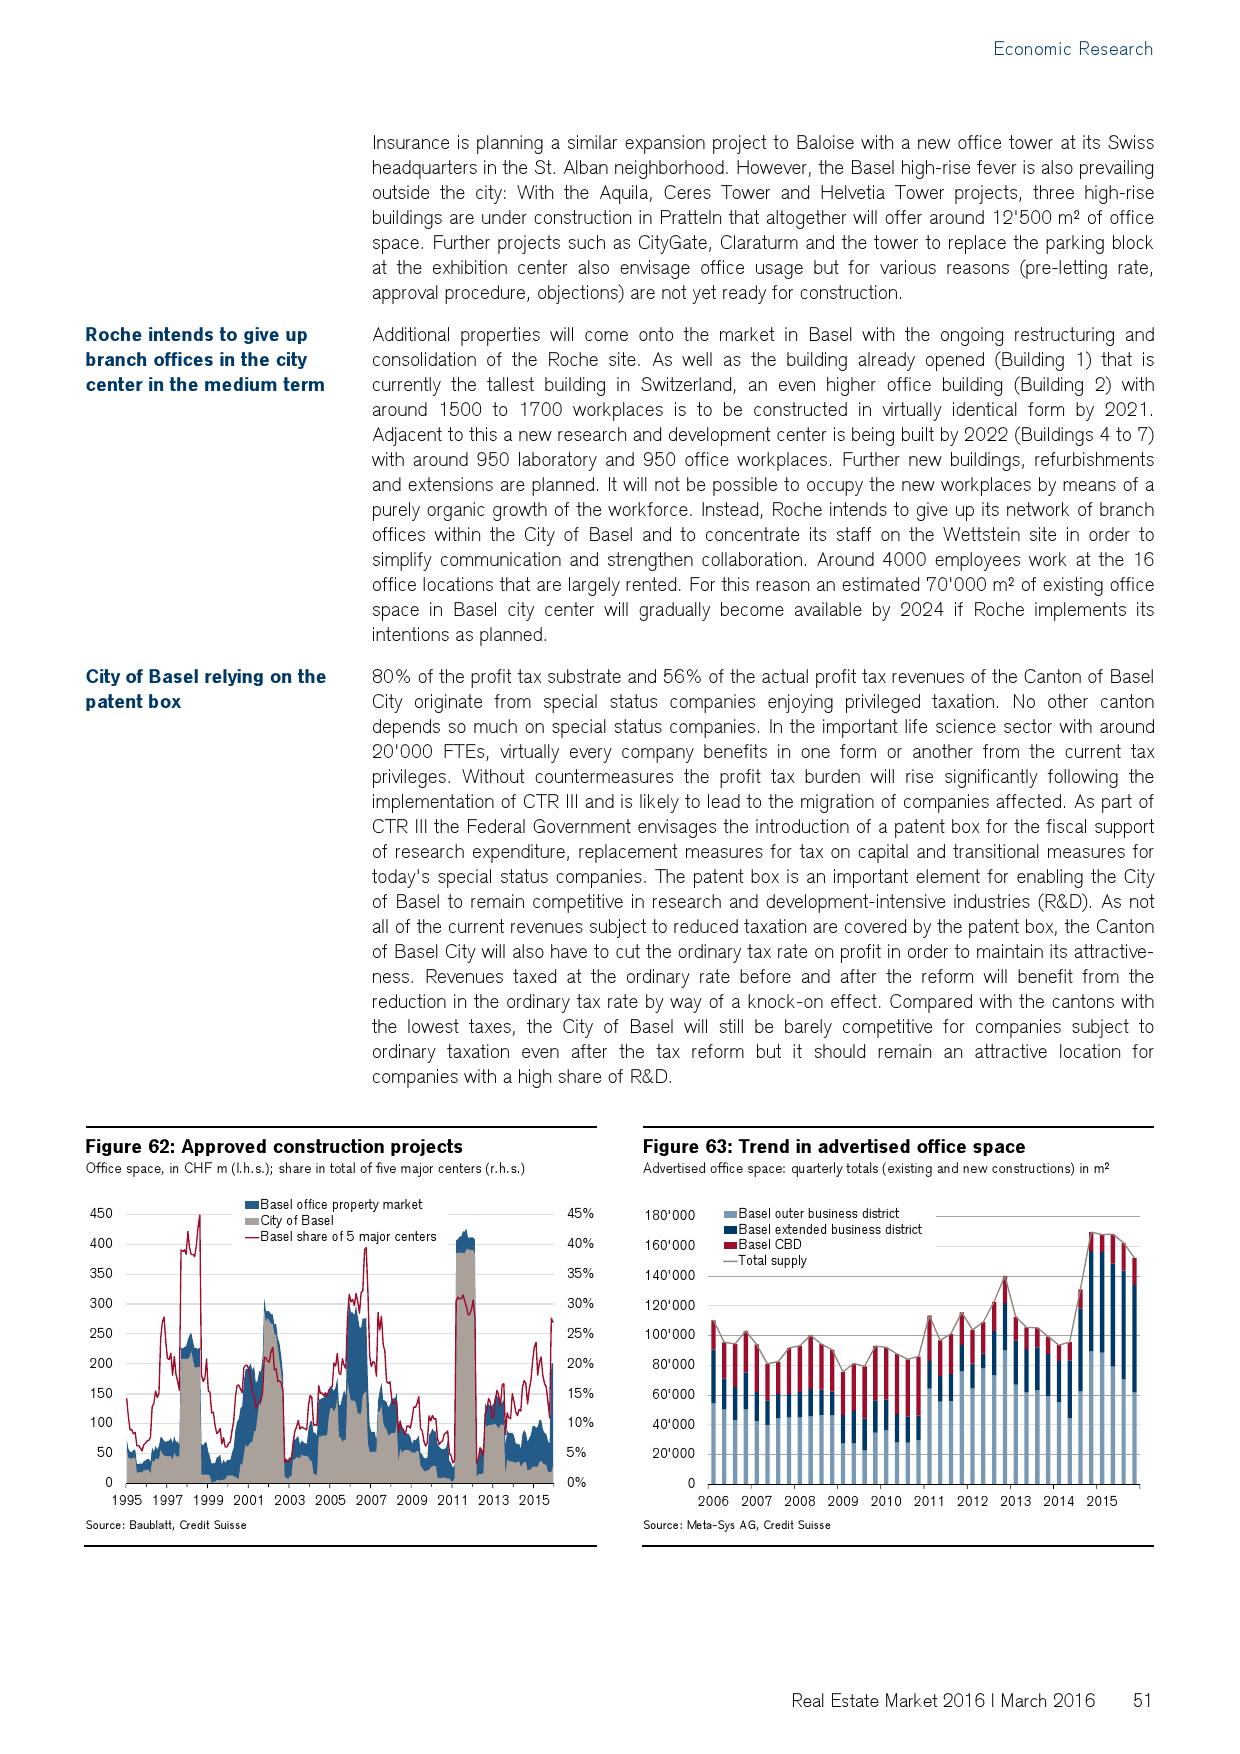 2016年瑞士房地产市场研究报告_000051